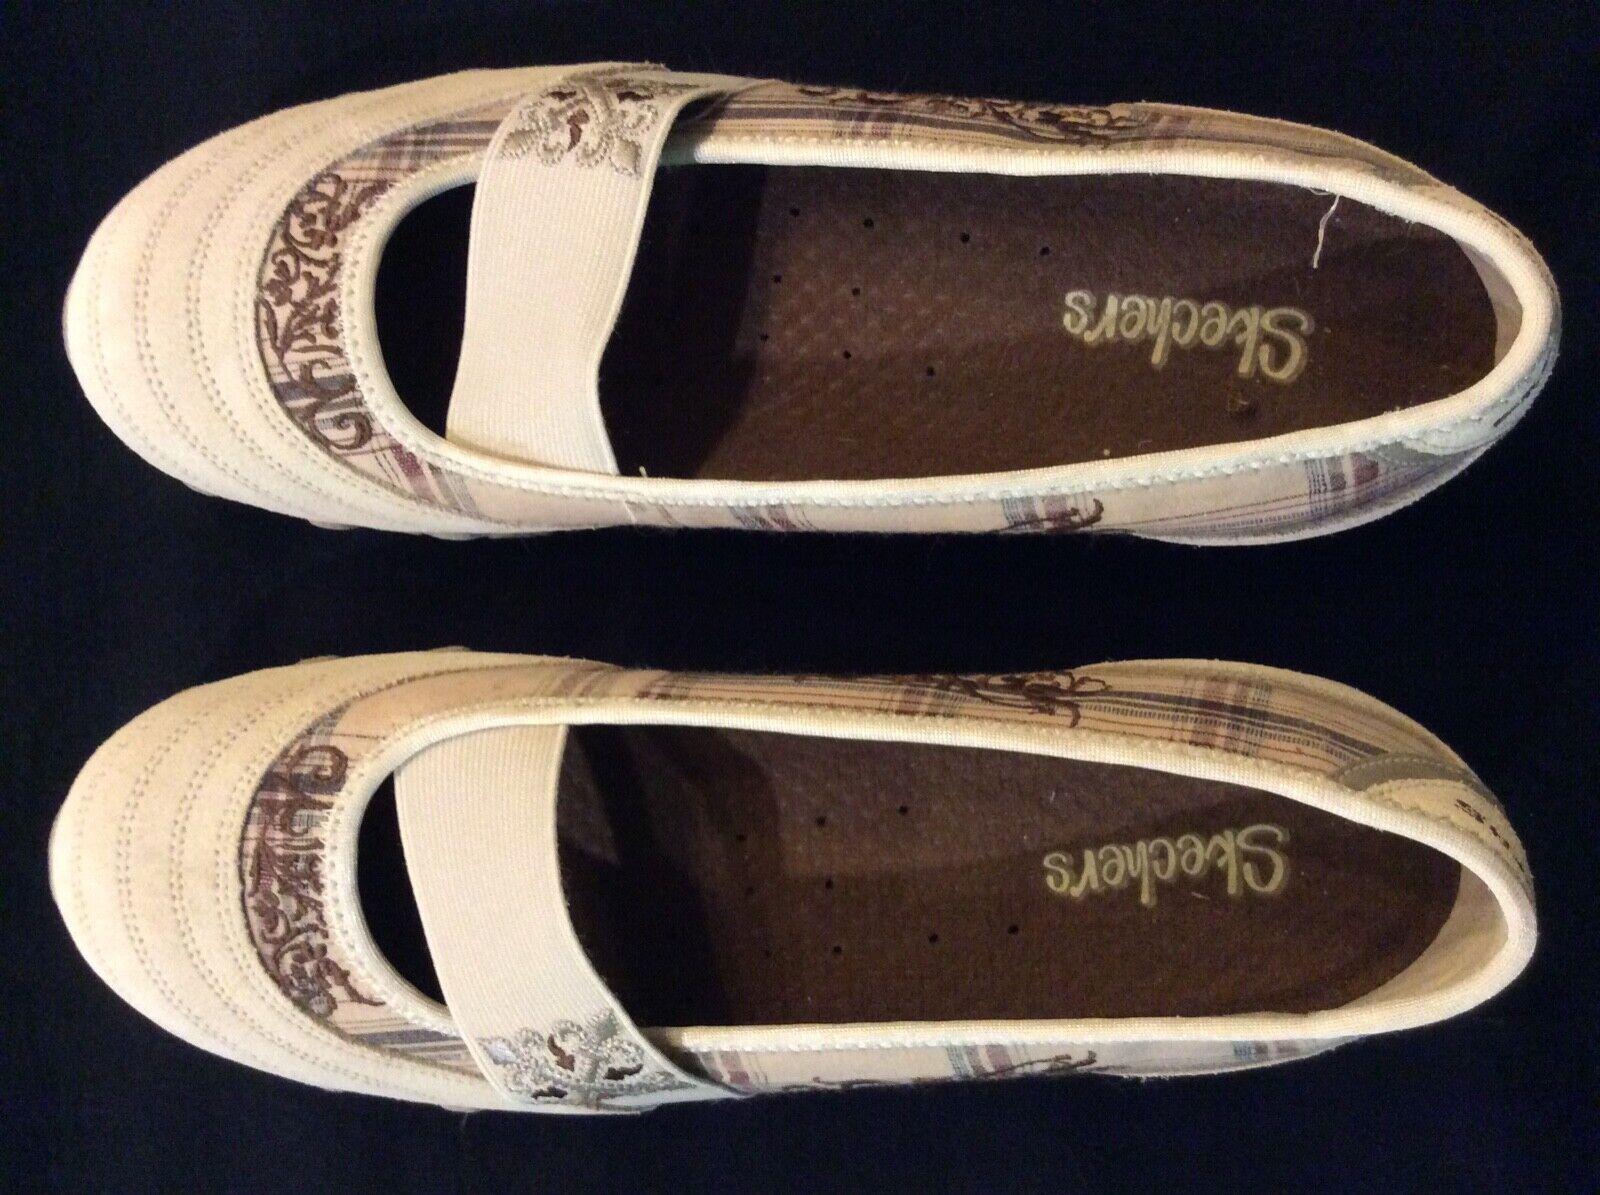 Skechers Women's Dress Shoes - Sz 10 - Lt Beige w/browns -